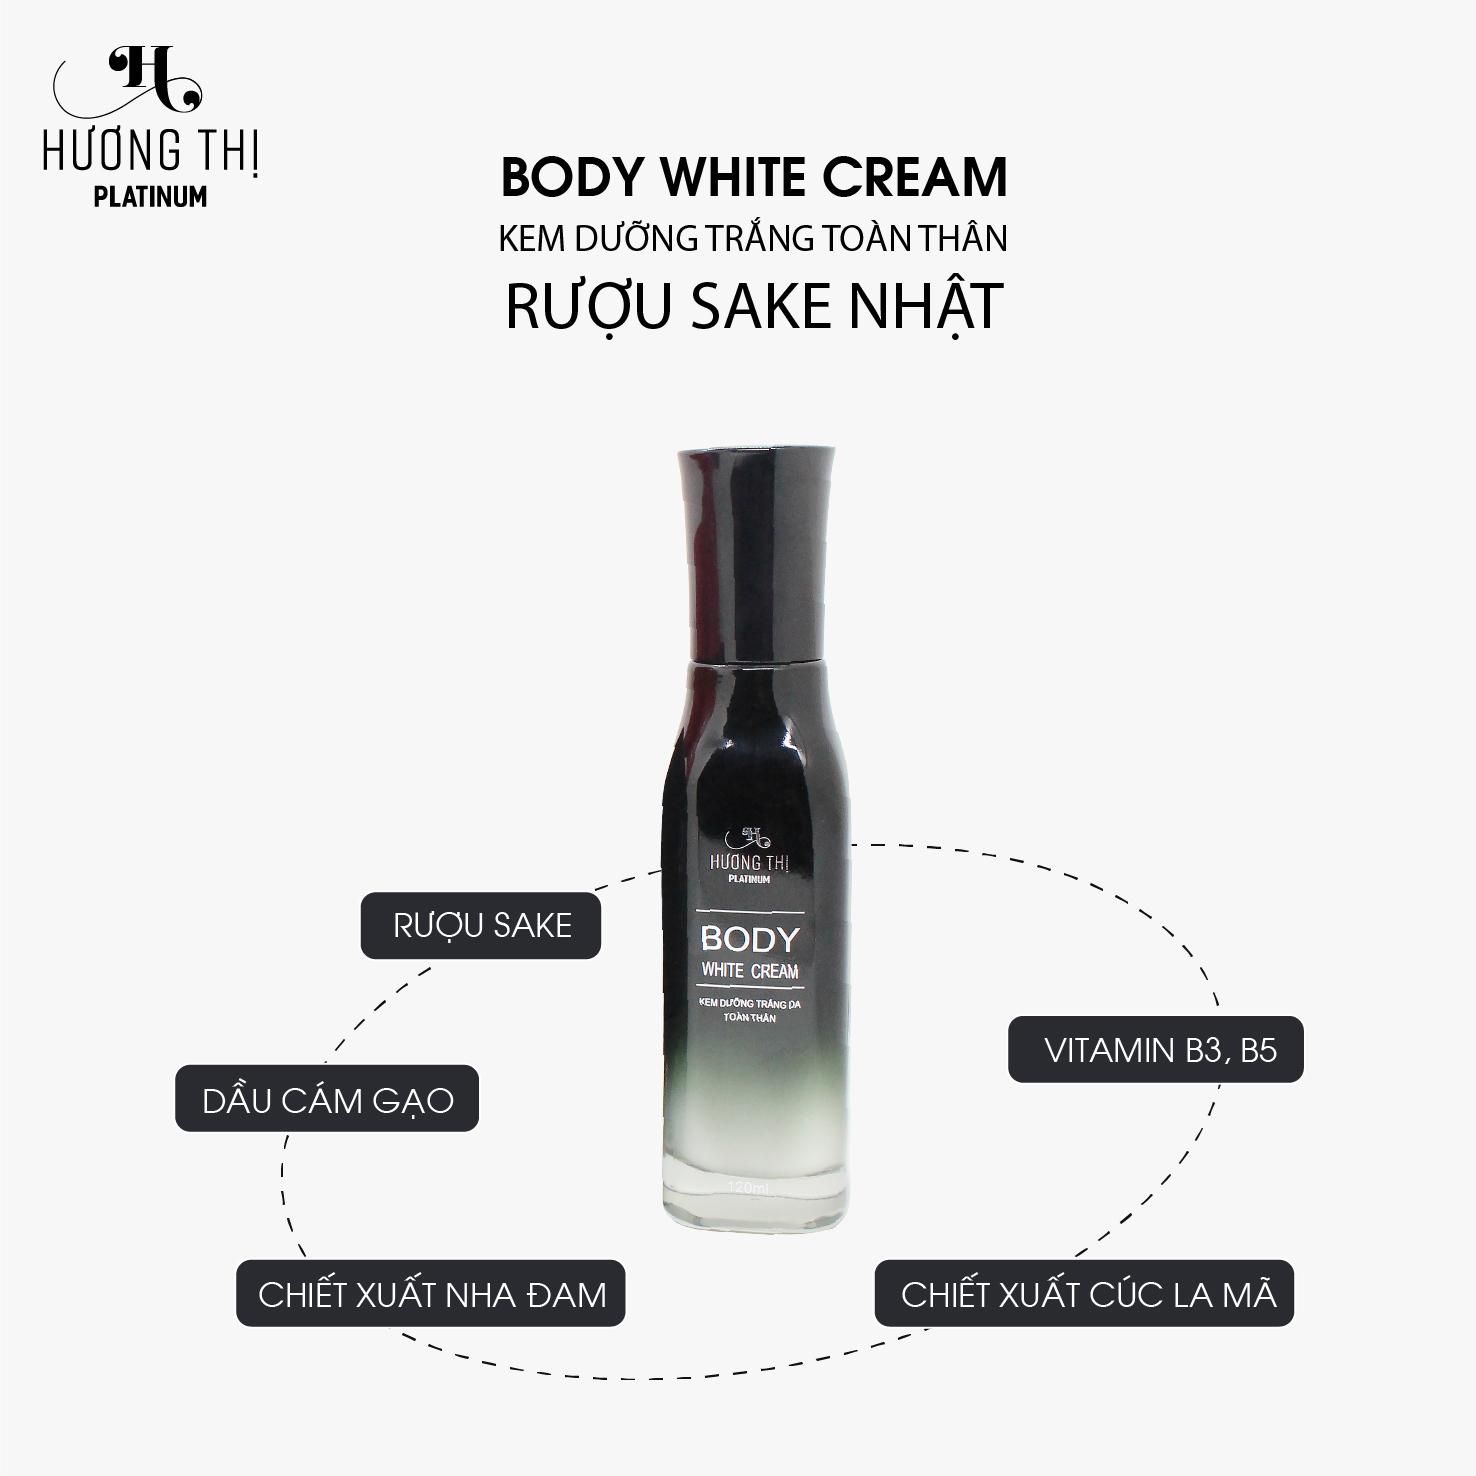 Kem Dưỡng Trắng Da Toàn Thân Hương Thị Sake Nhật - Body White Cream 120ml